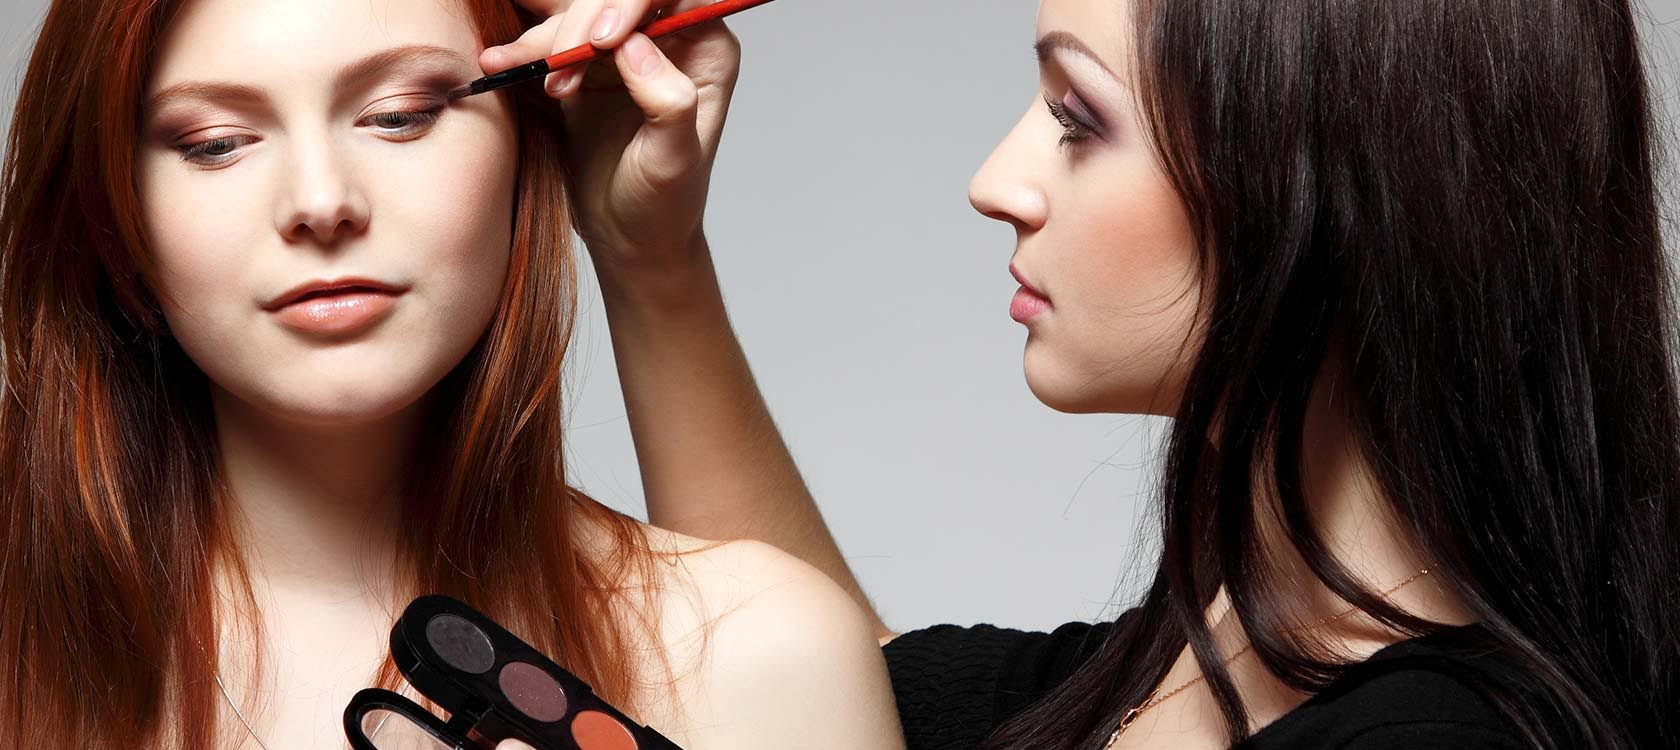 Devenir maquilleuse : quelles formations dans le maquillage ?